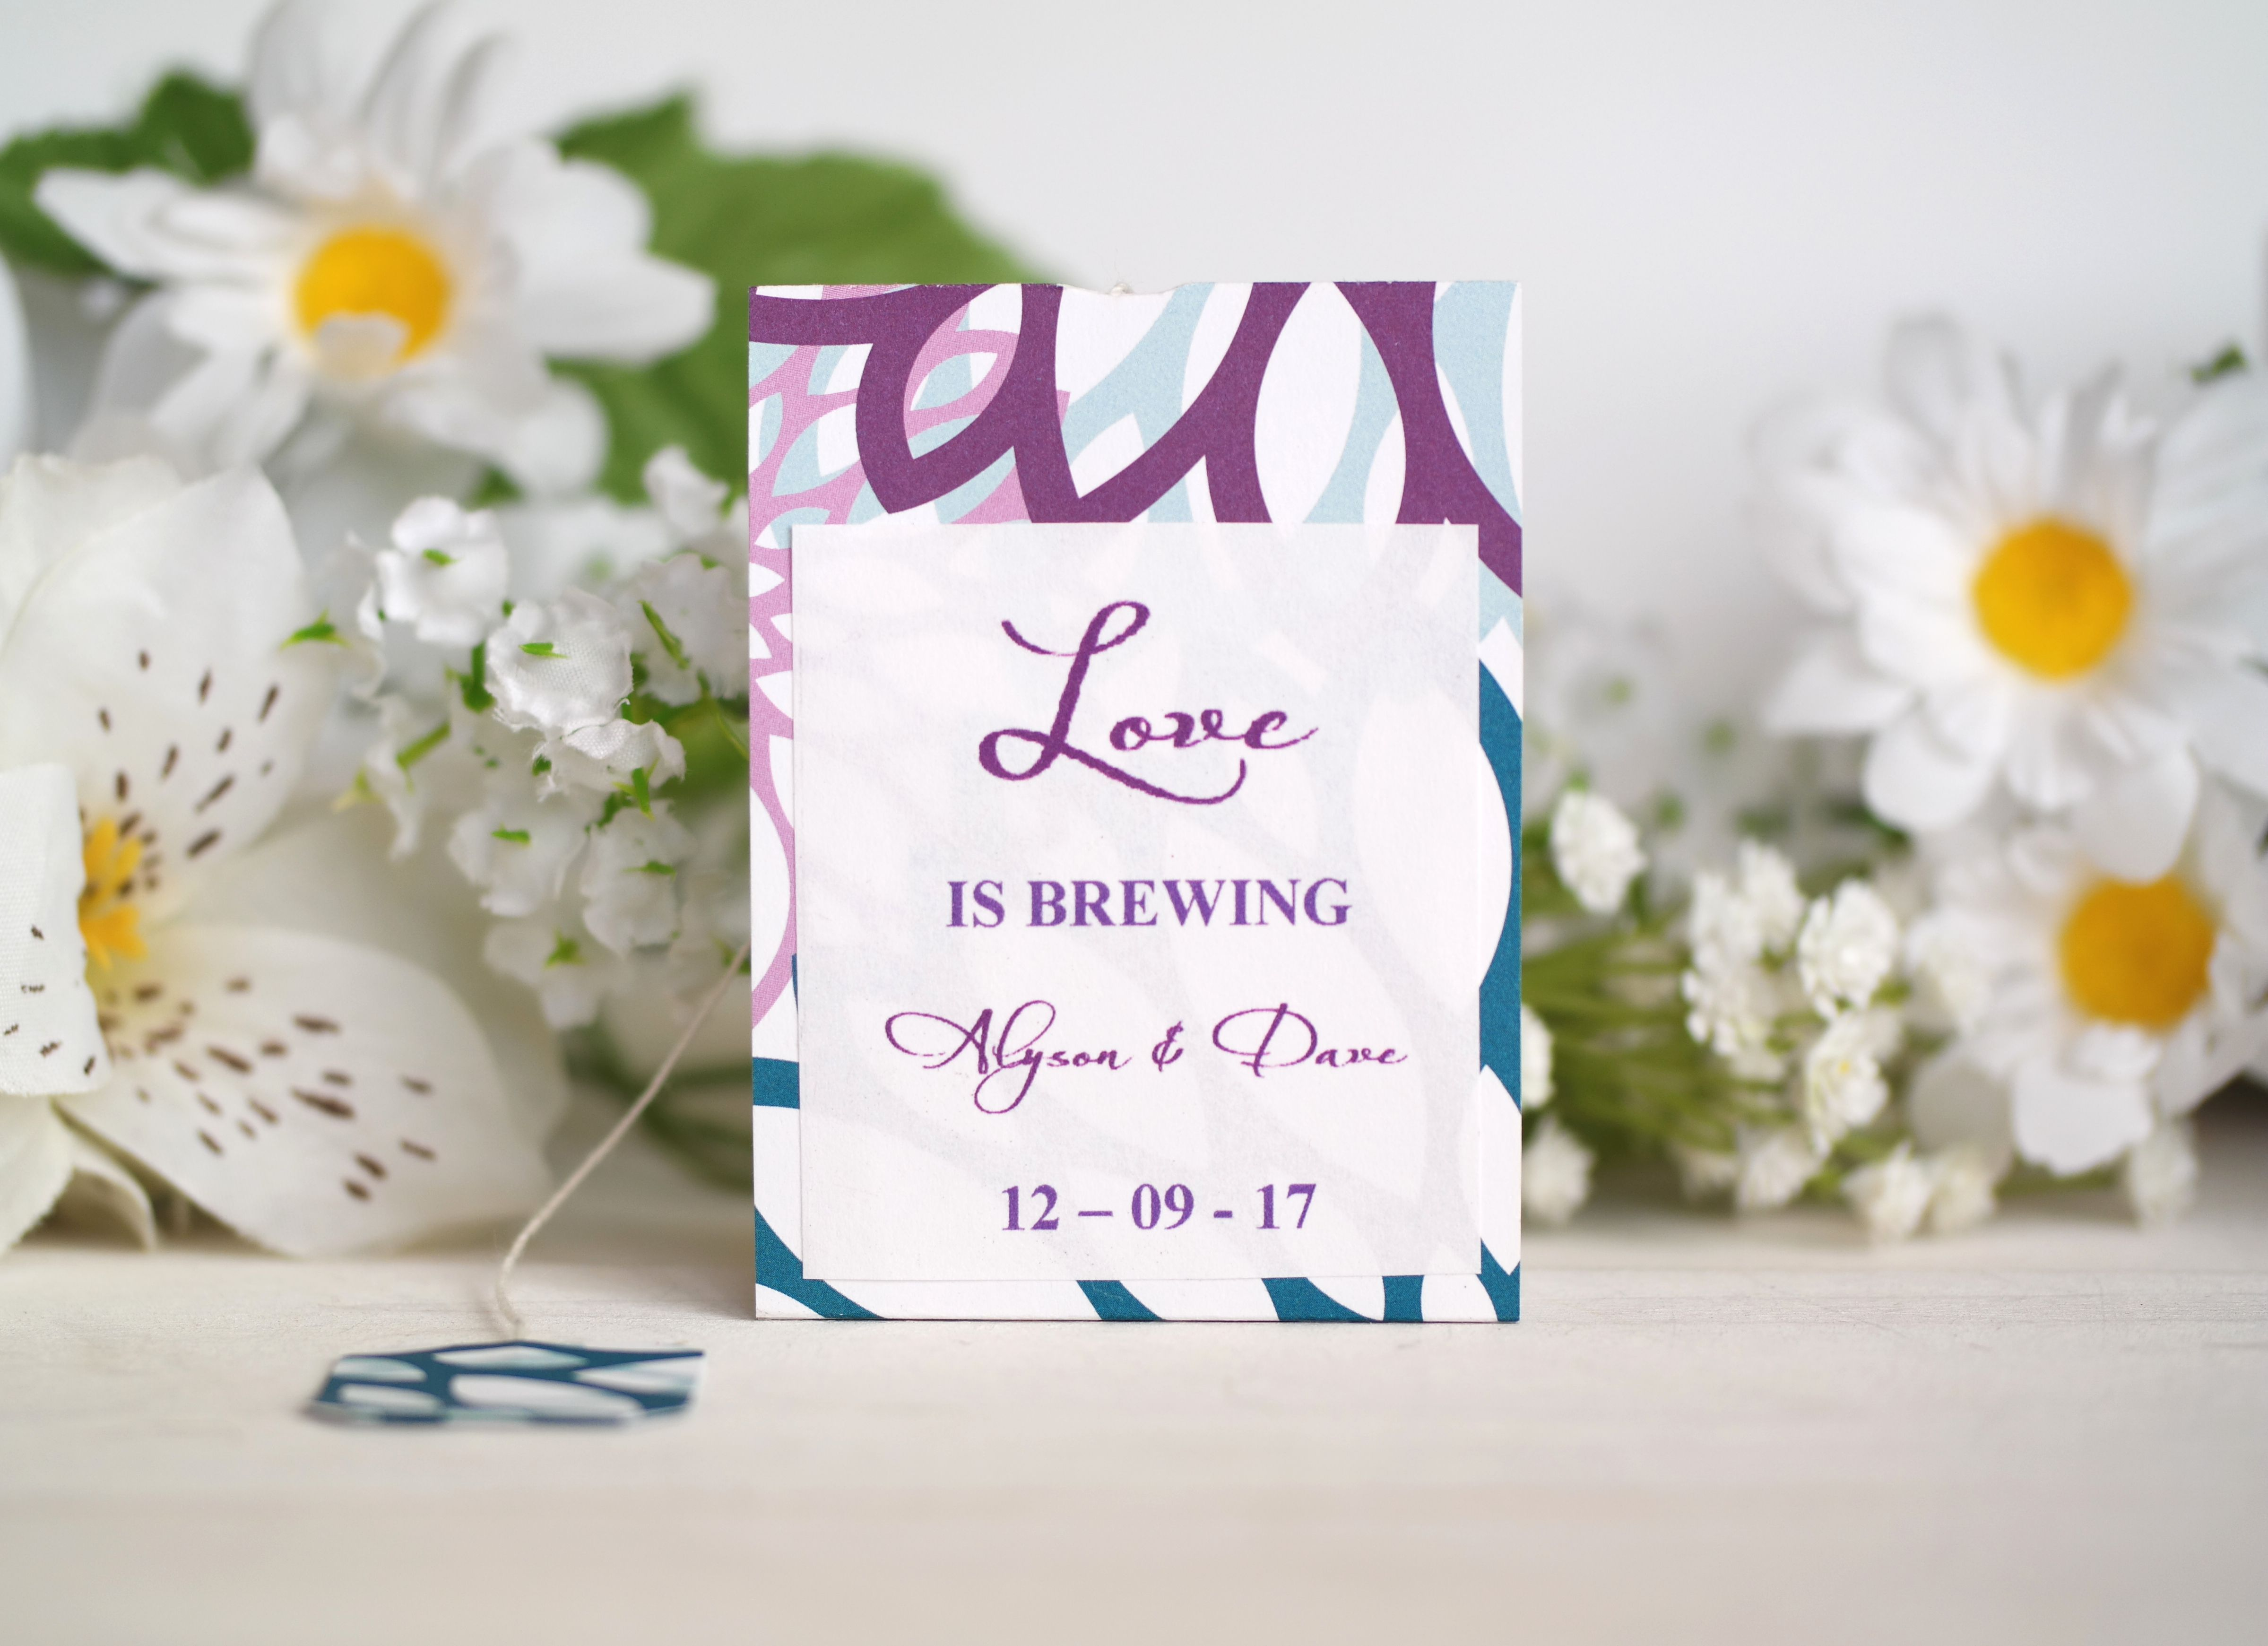 Personalized Tea Bag Party Favors   Tea Bag Party Favors   Pinterest ...